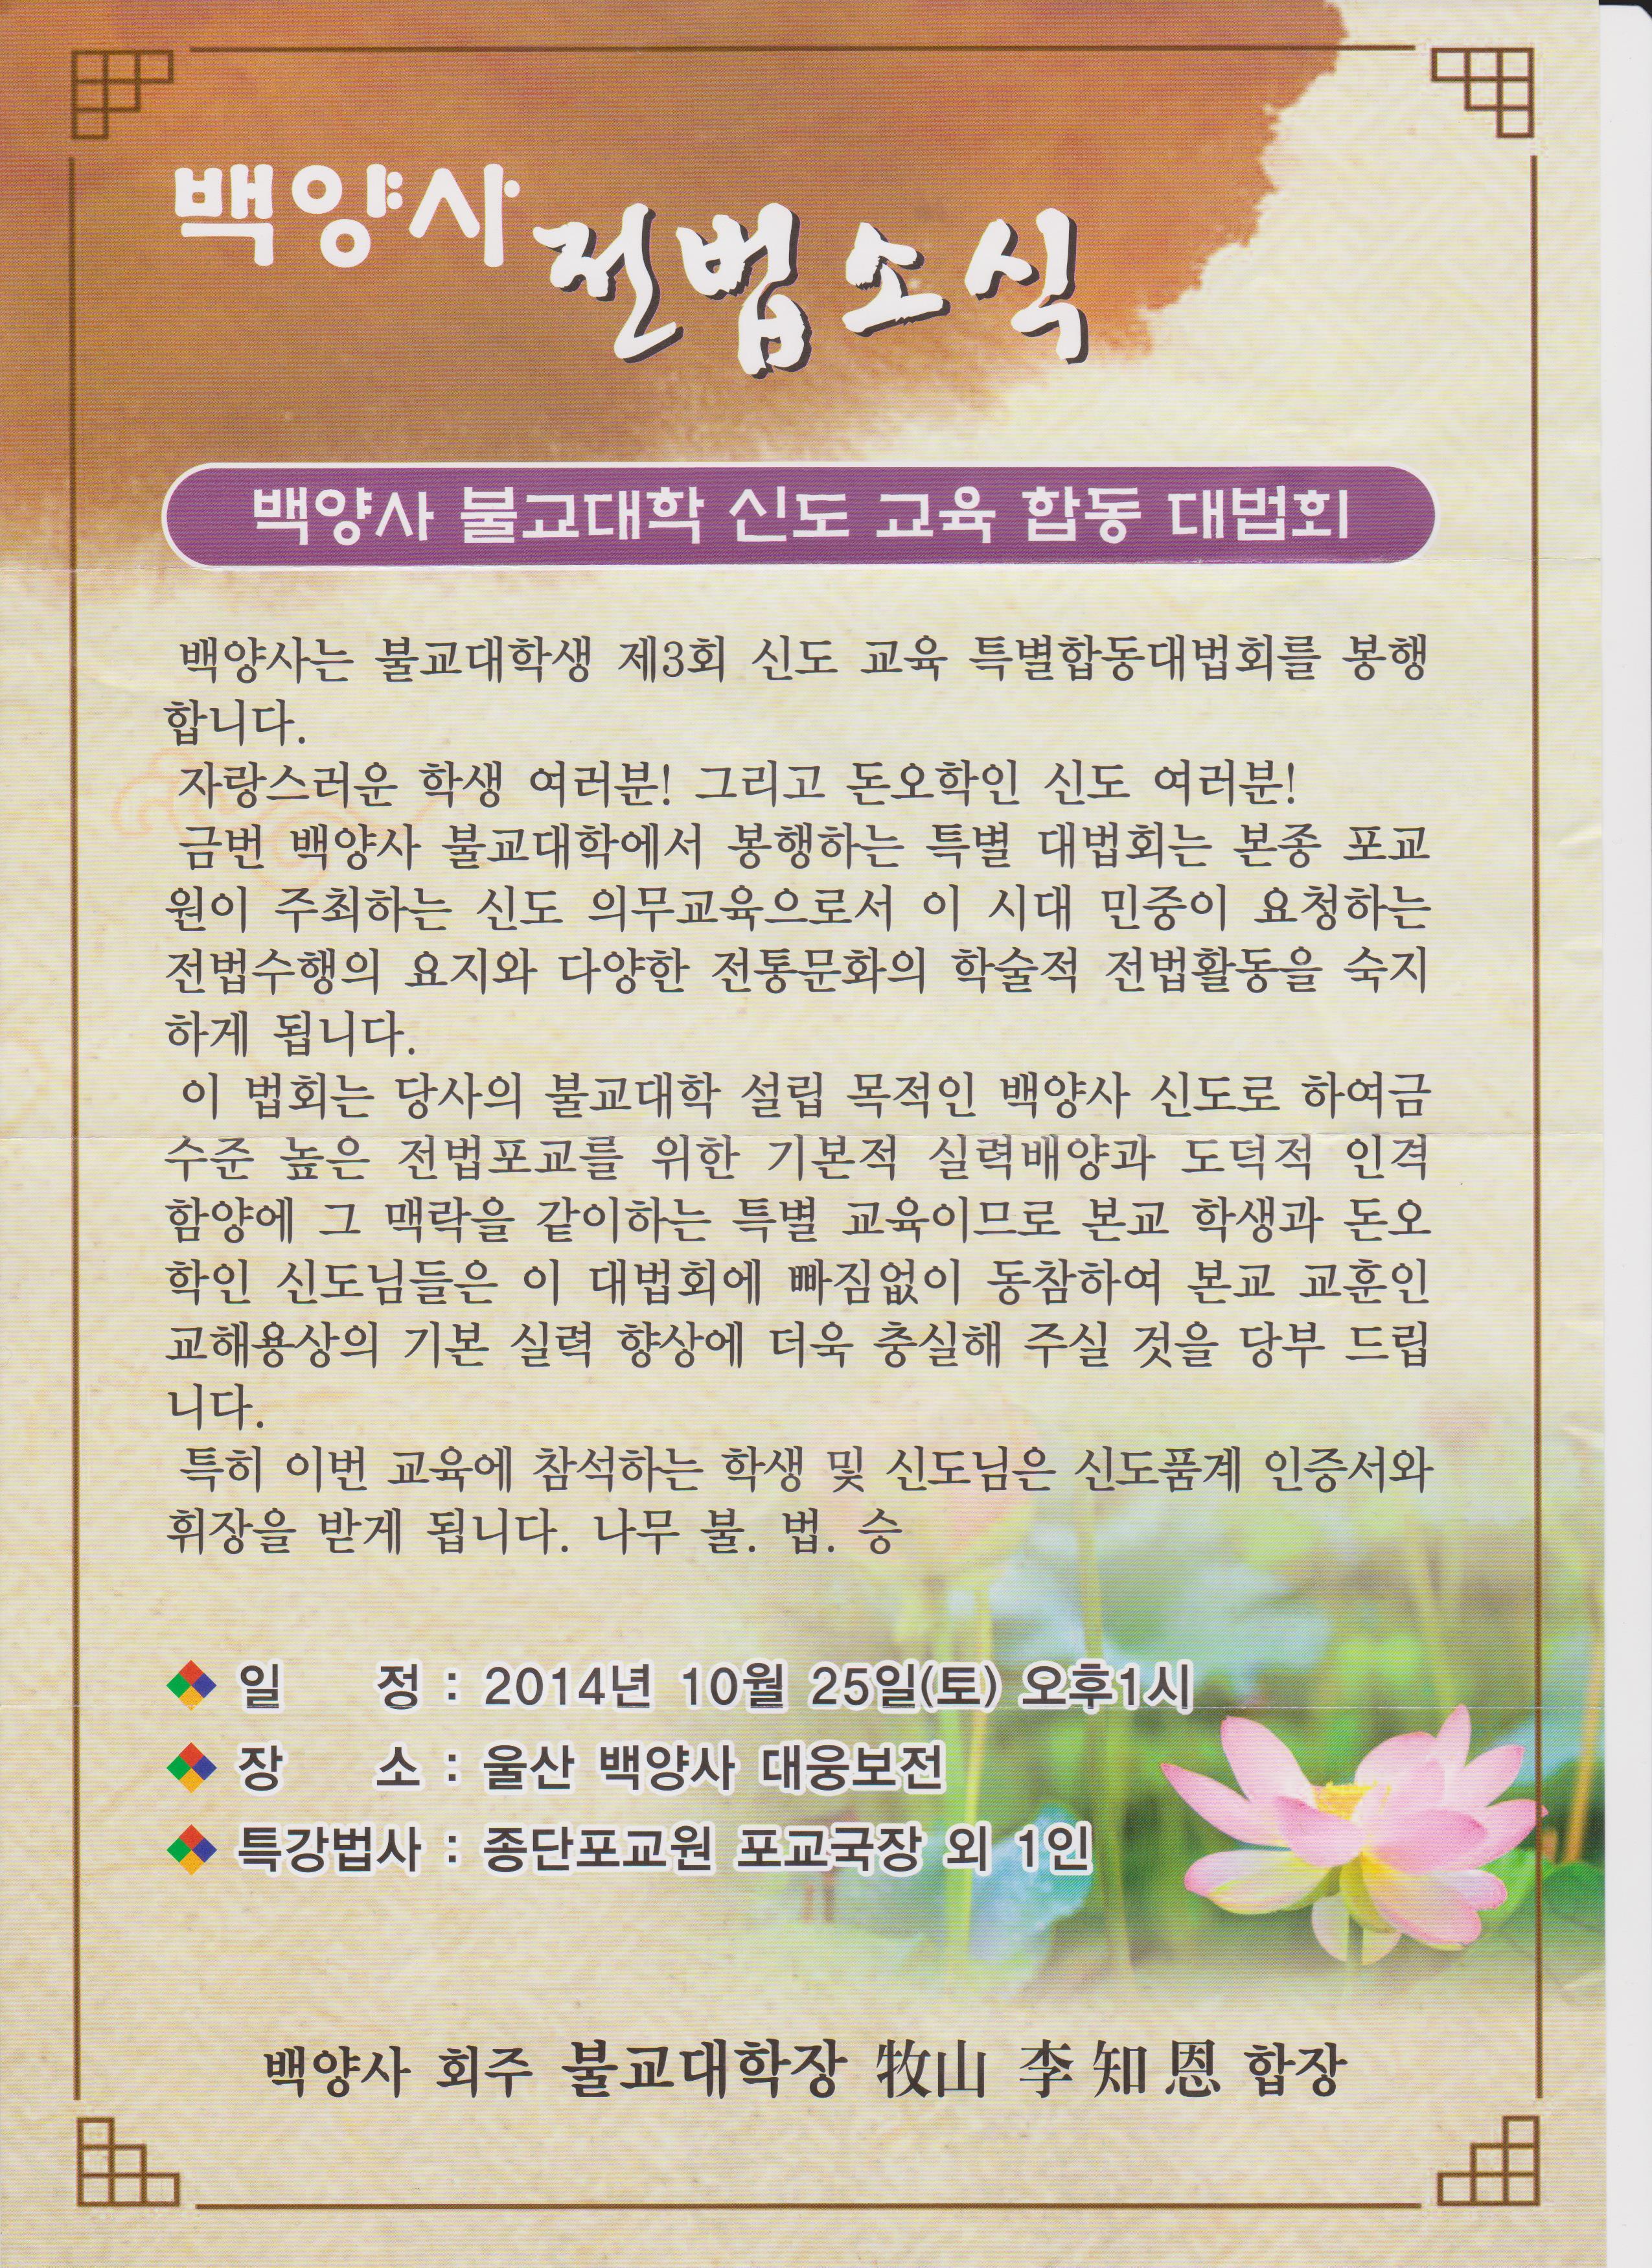 불교대학 신도교육.jpg